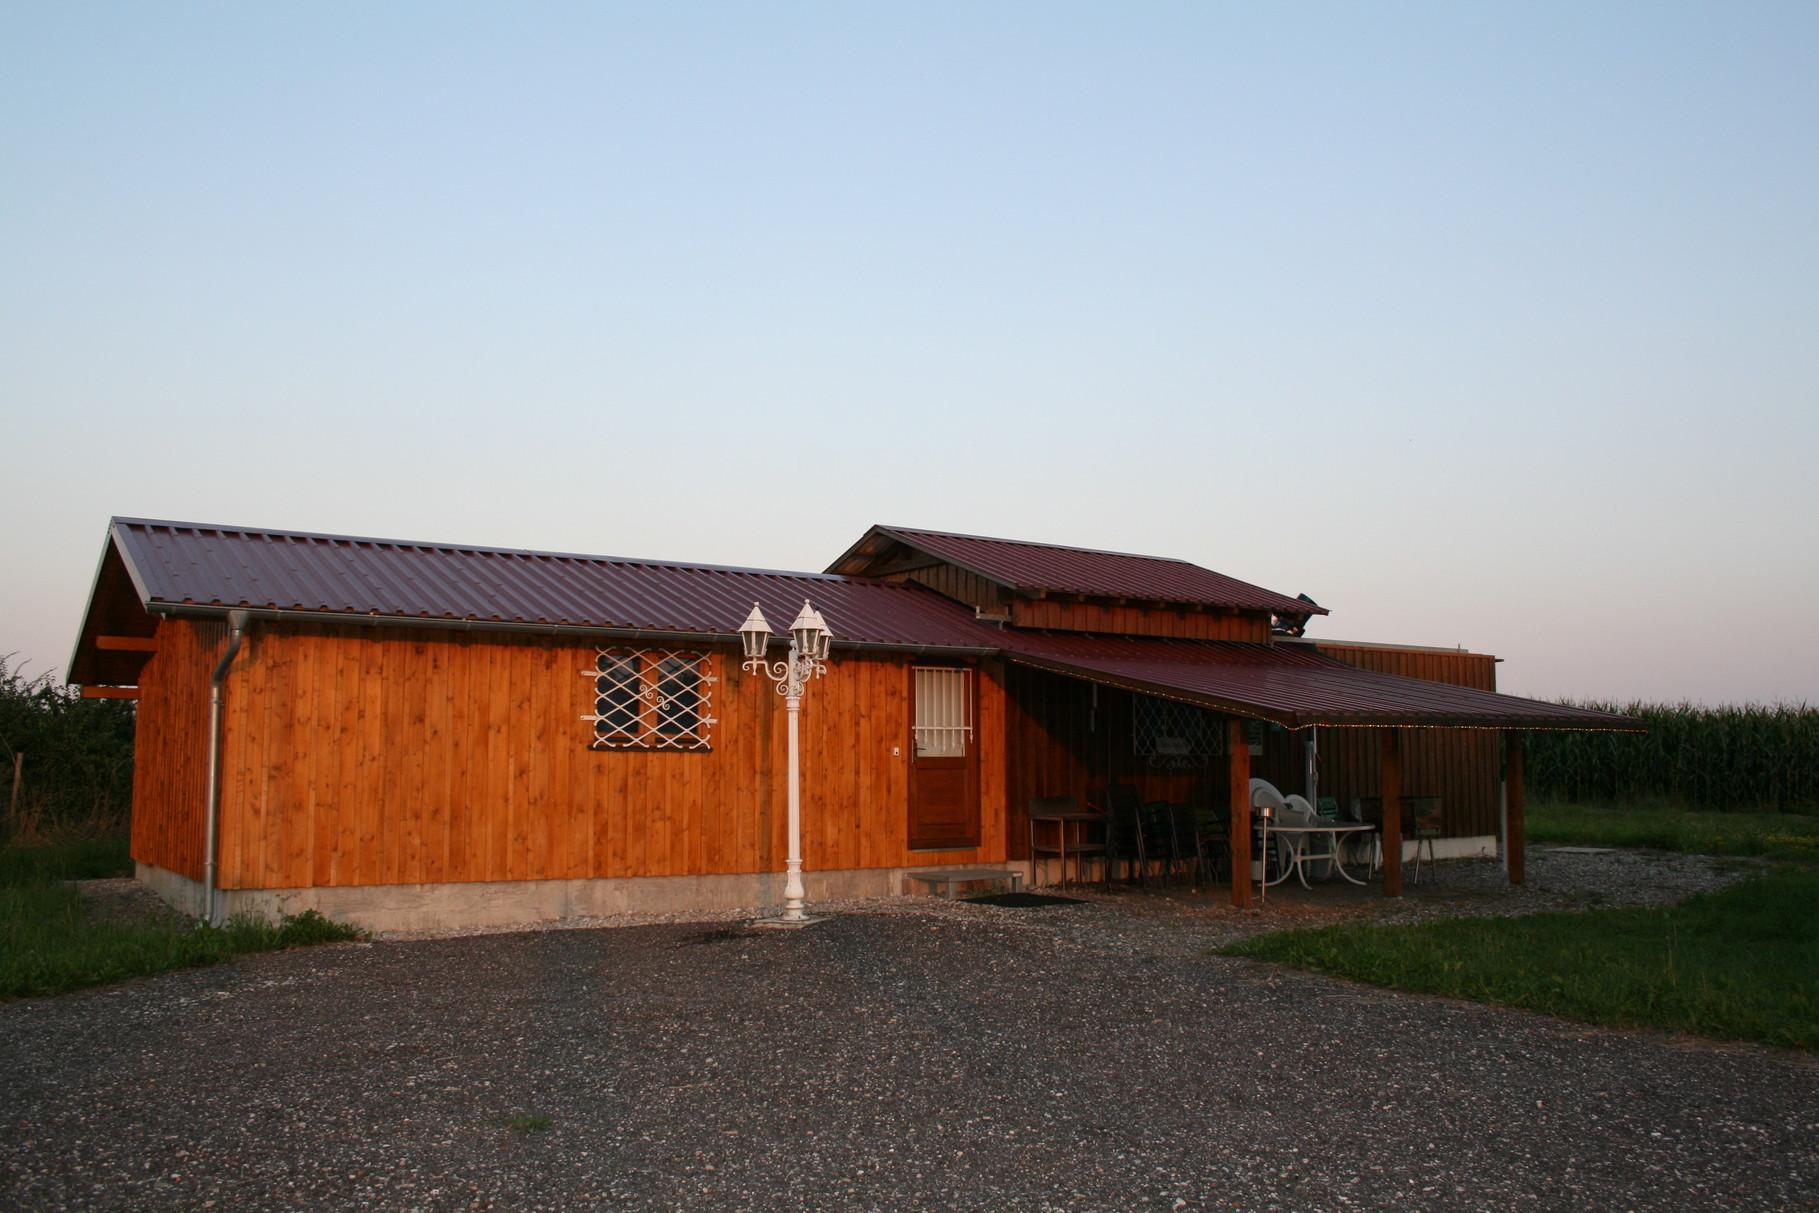 Sternwarte mit Neuanbau und seitlichem Vordach